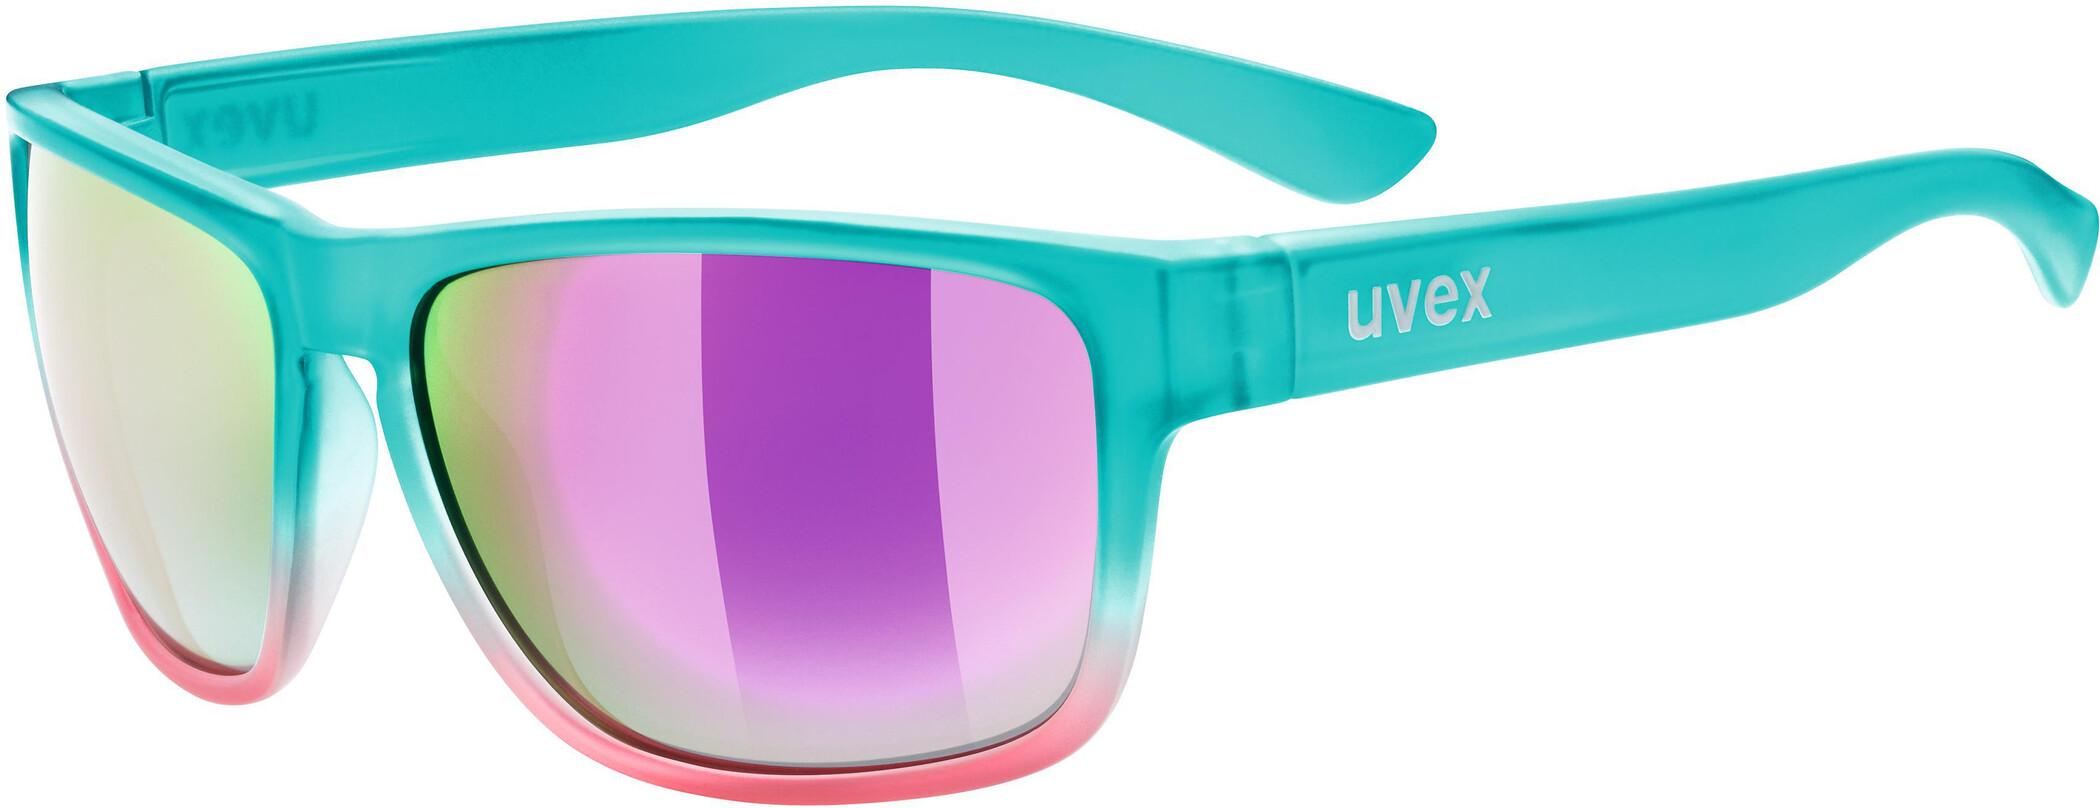 Uvex Fahrradbrille Lifestyle Sonnenbrille lgl 34 blue-pink L82dcWv